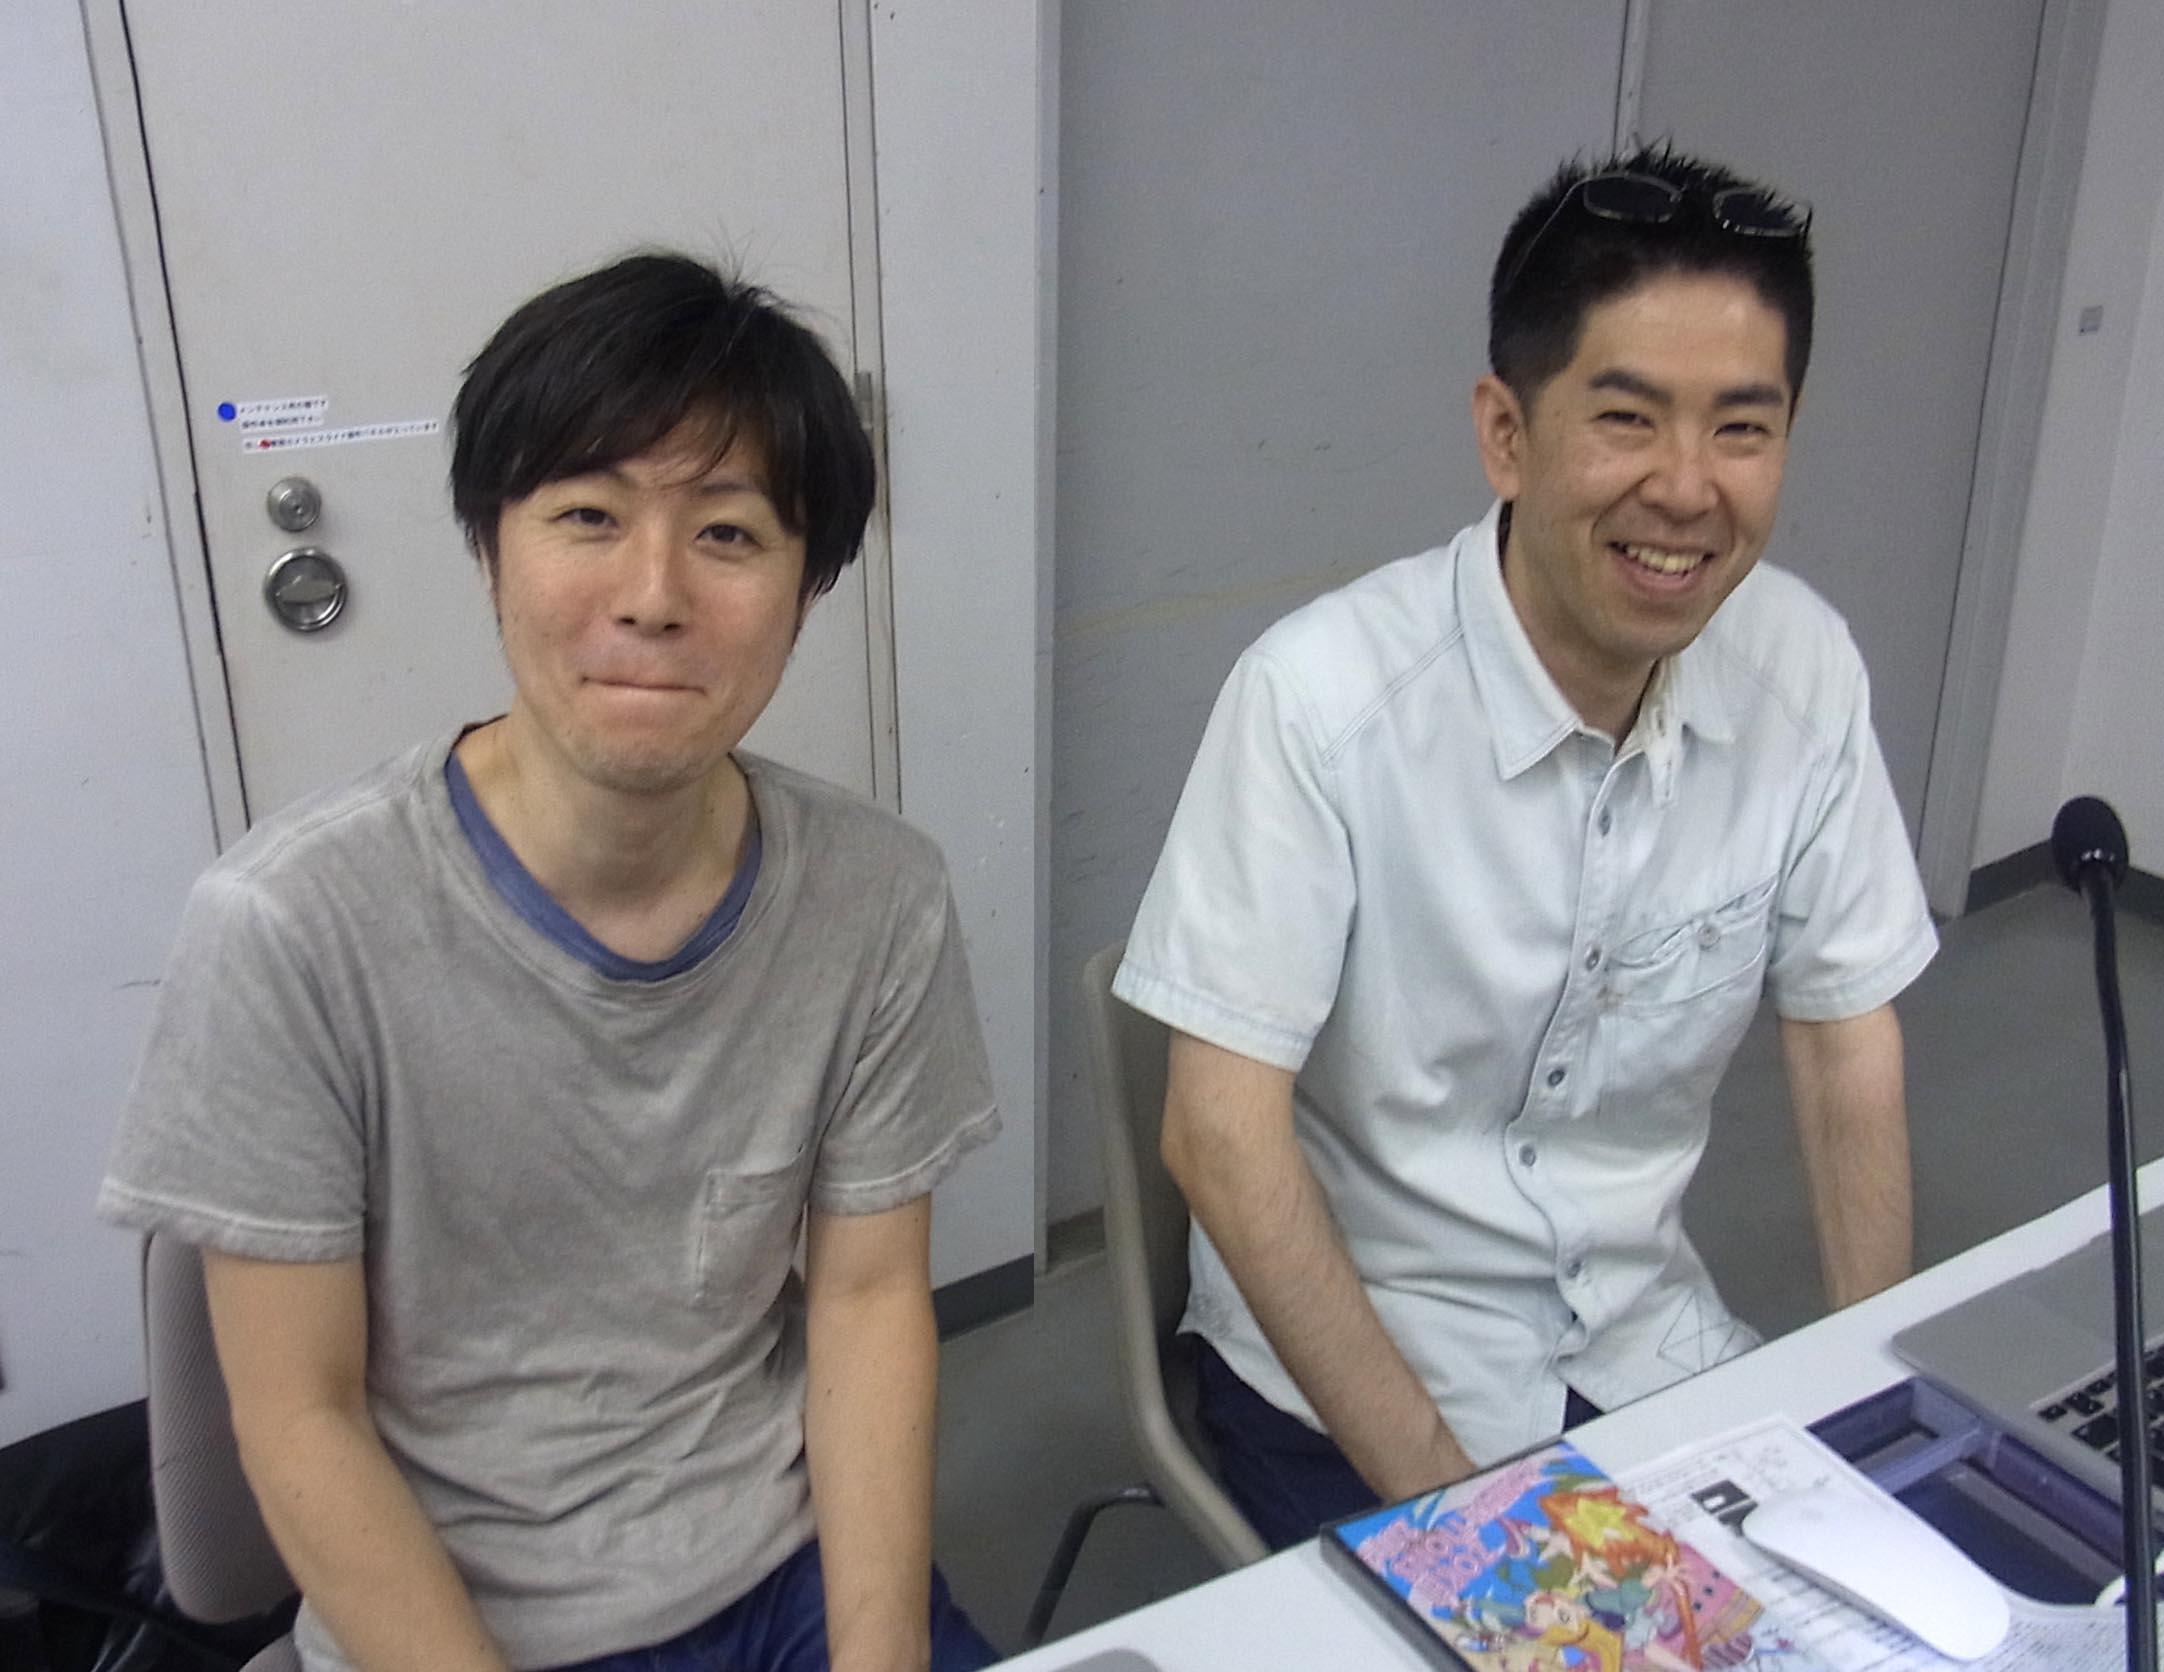 三好紀彦さんと泉津井陽一さん